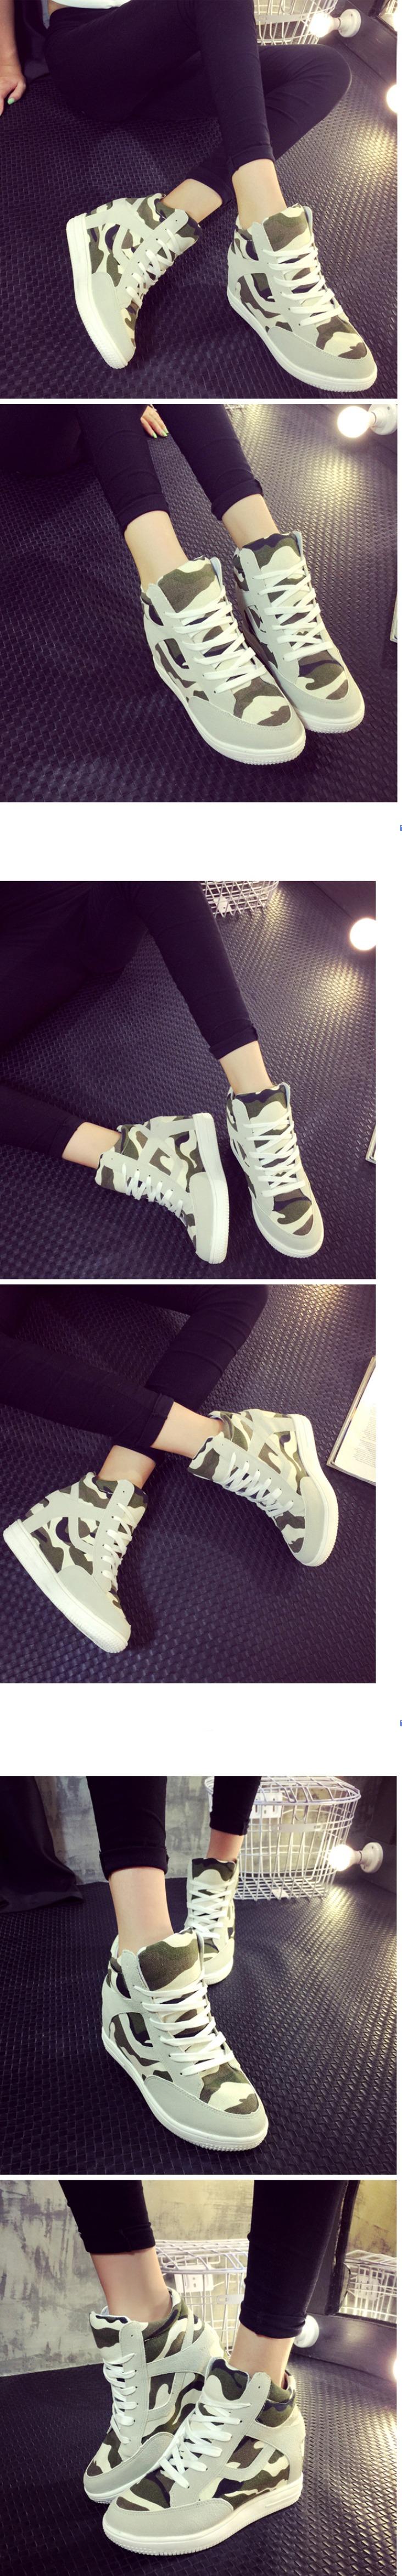 รองเท้าผ้าใบส้นสูงลายพราง